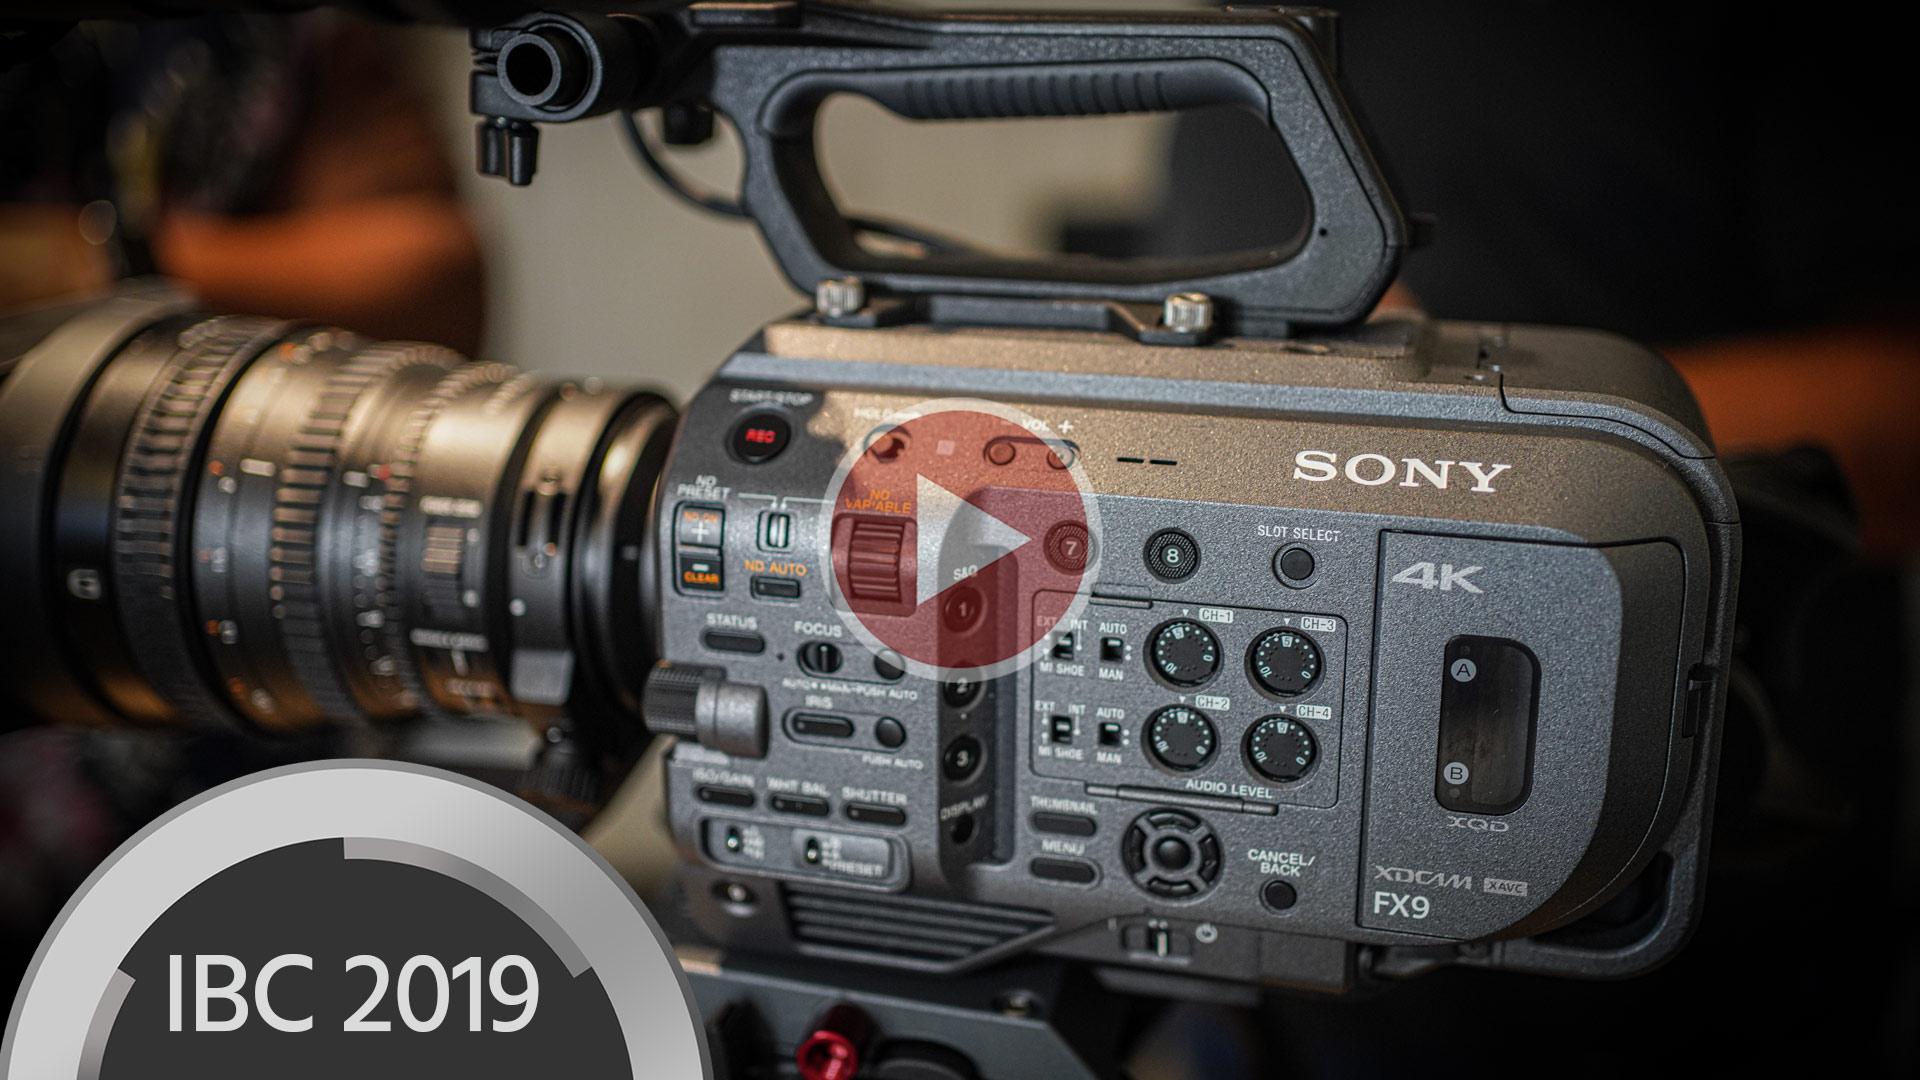 Anuncian la Sony FX9 - full frame, enfoque automático híbrido rápido, cámara con ISO Dual